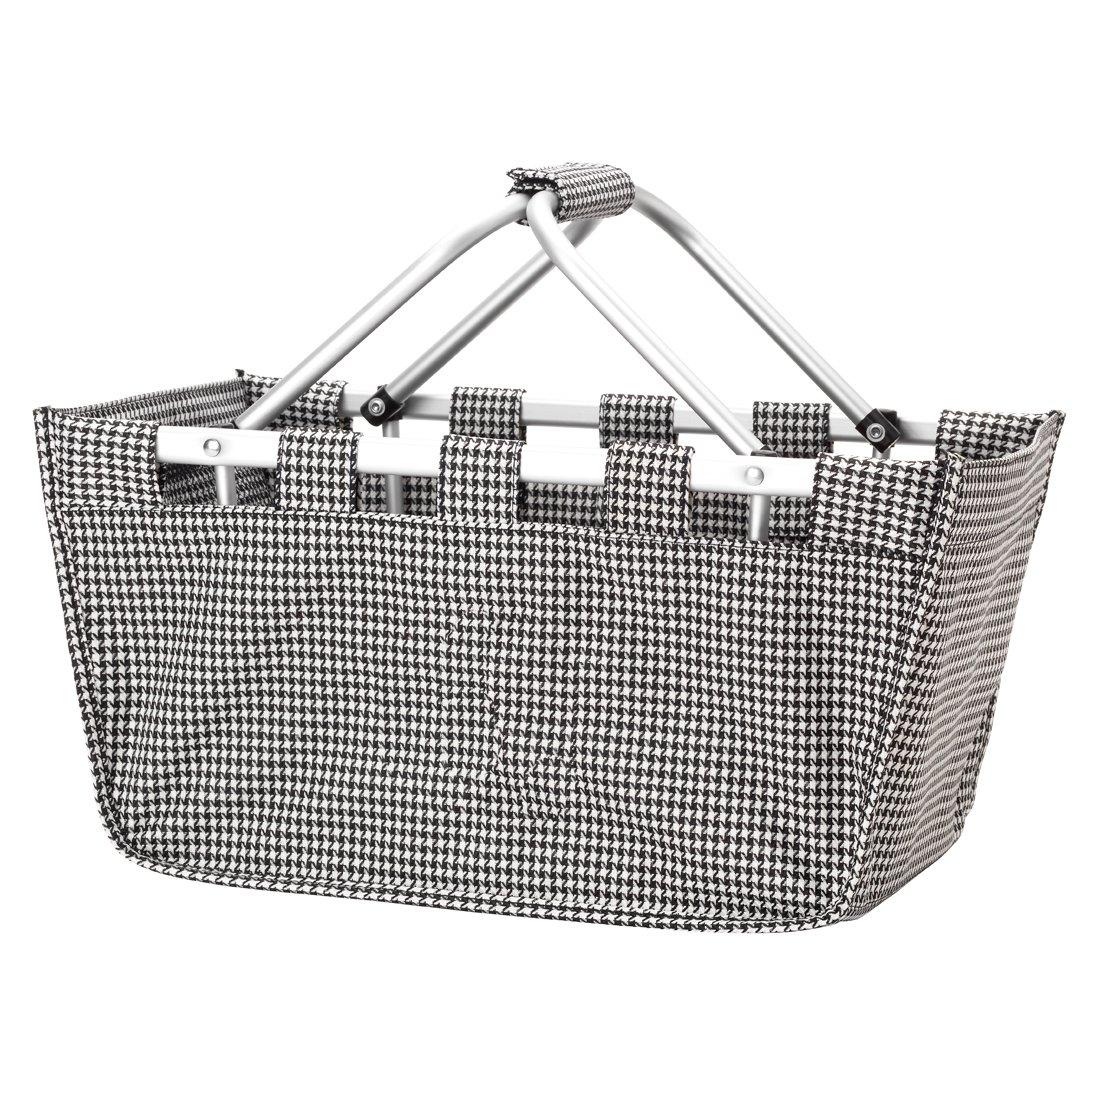 批发精品千鸟牙齿市场手提袋,耐用的可拆卸铝制框架